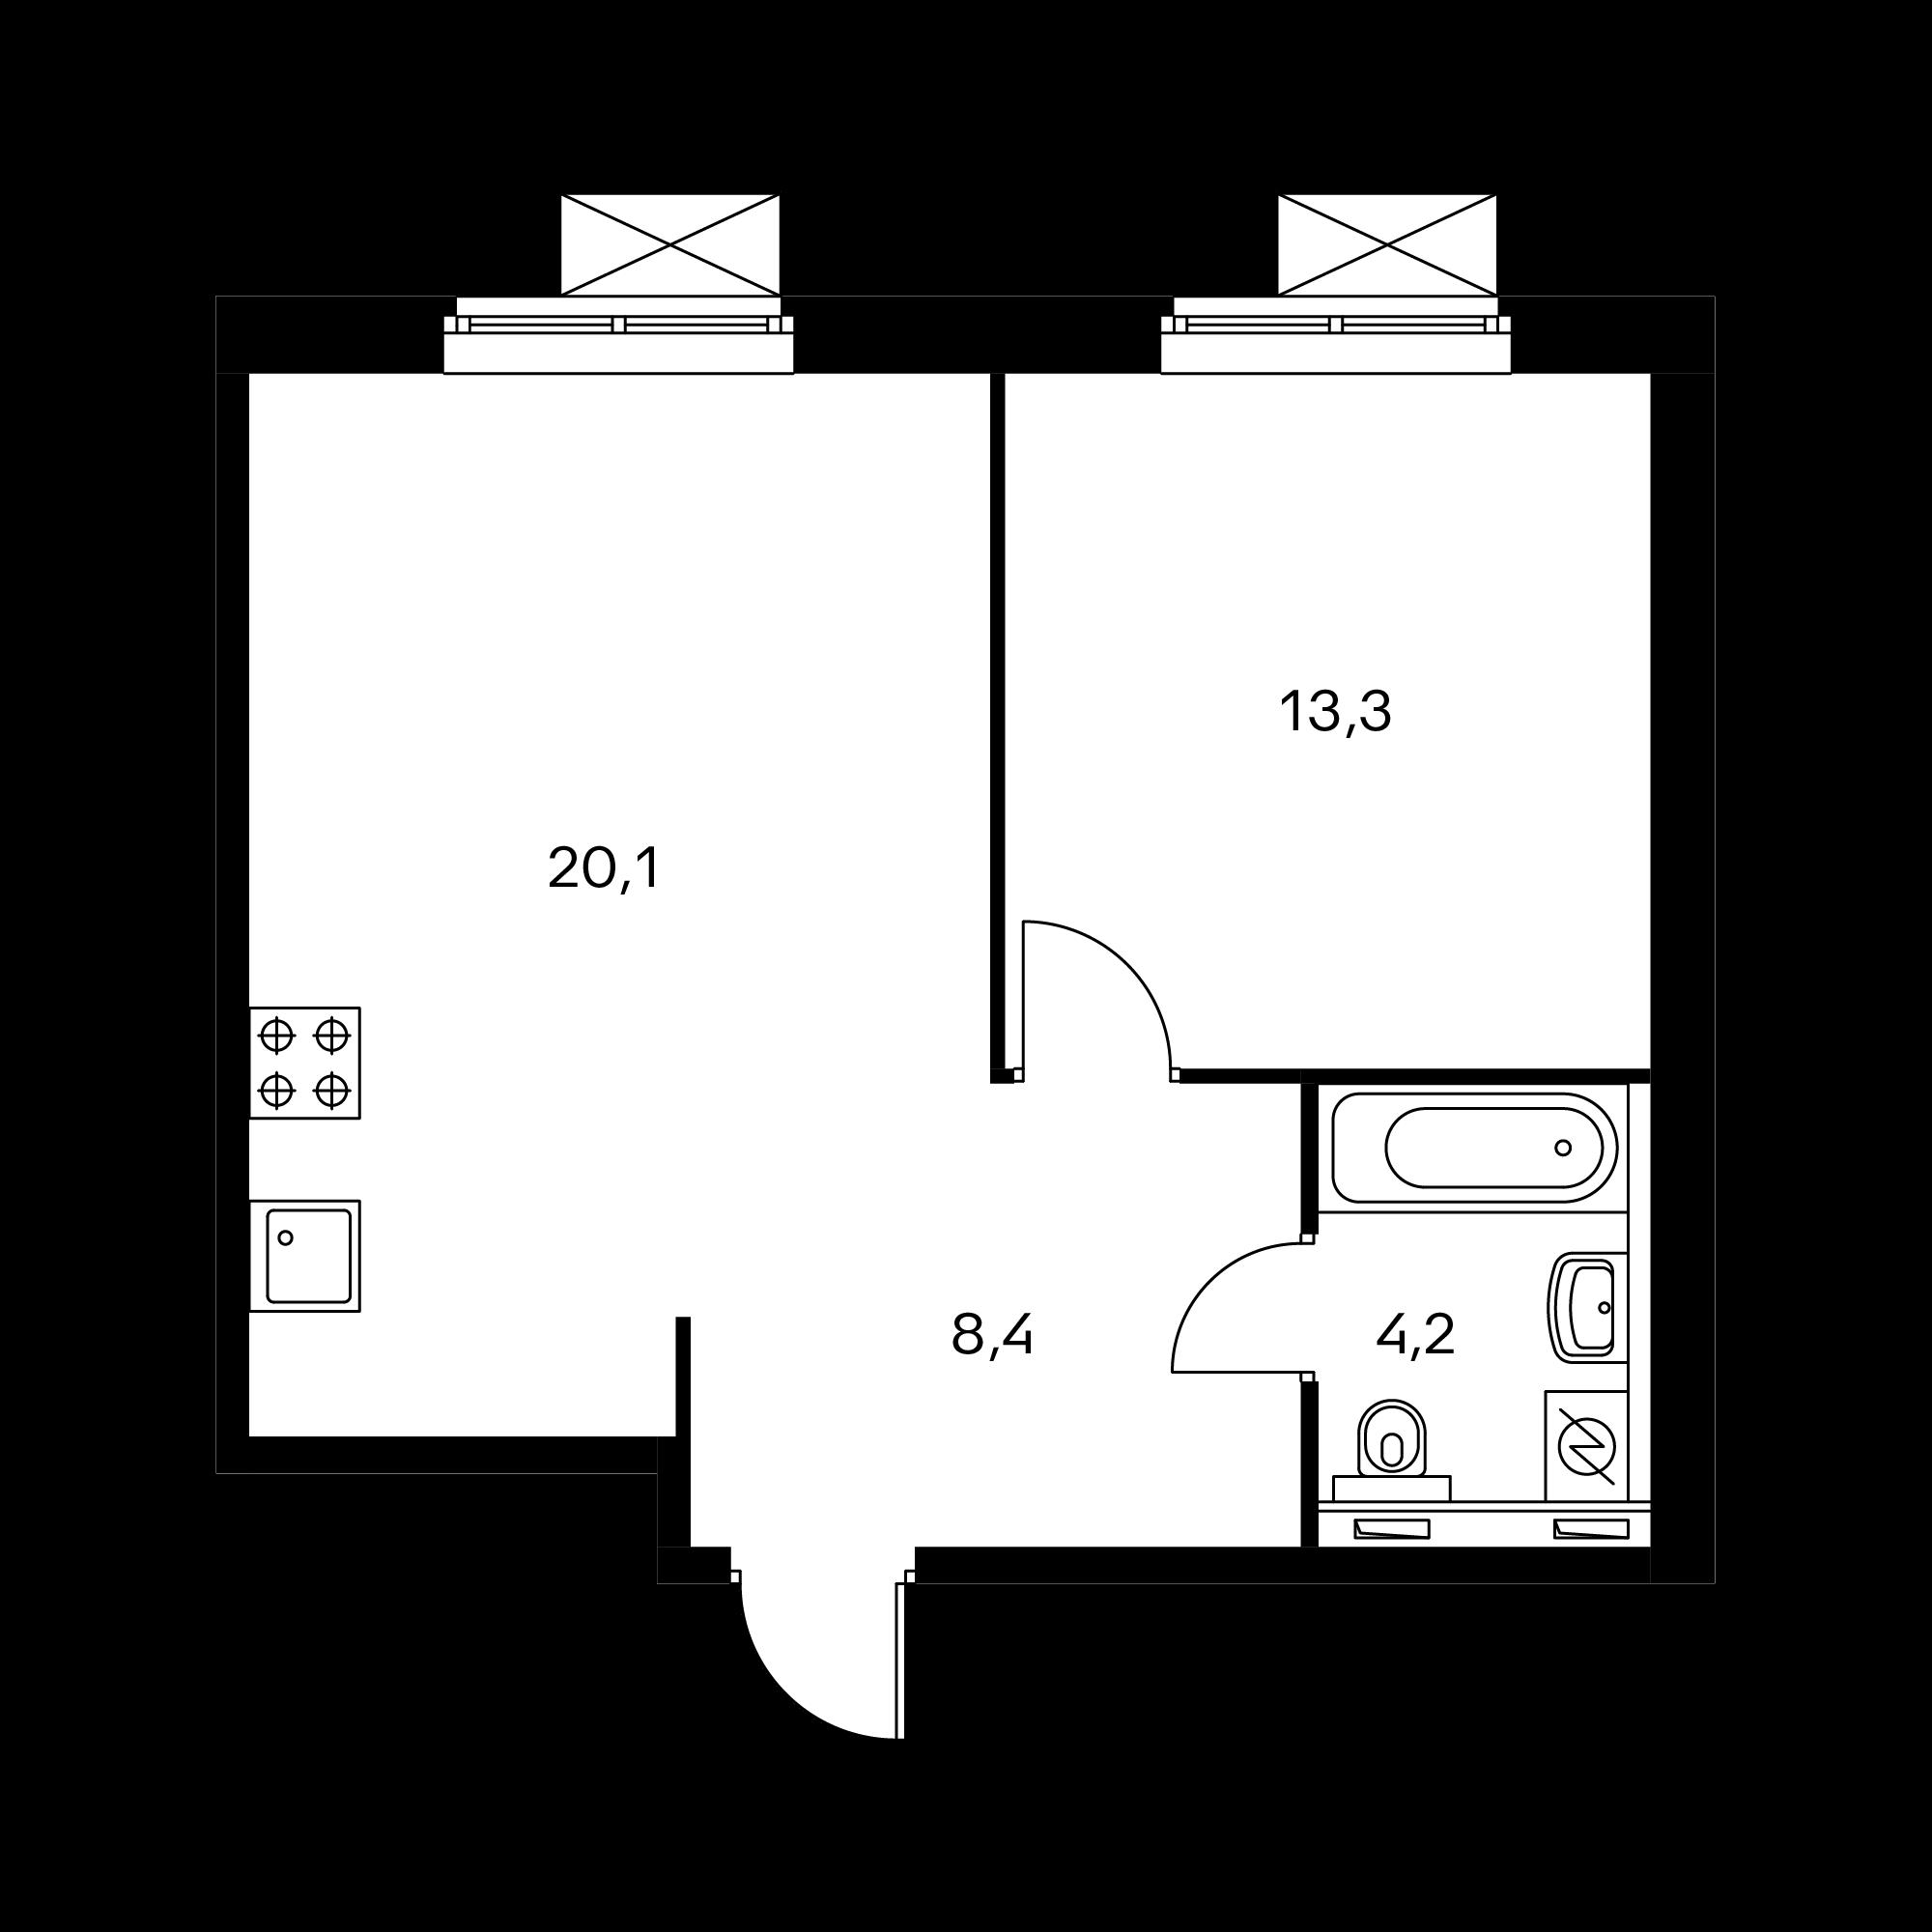 1EL4_7.8-1_A